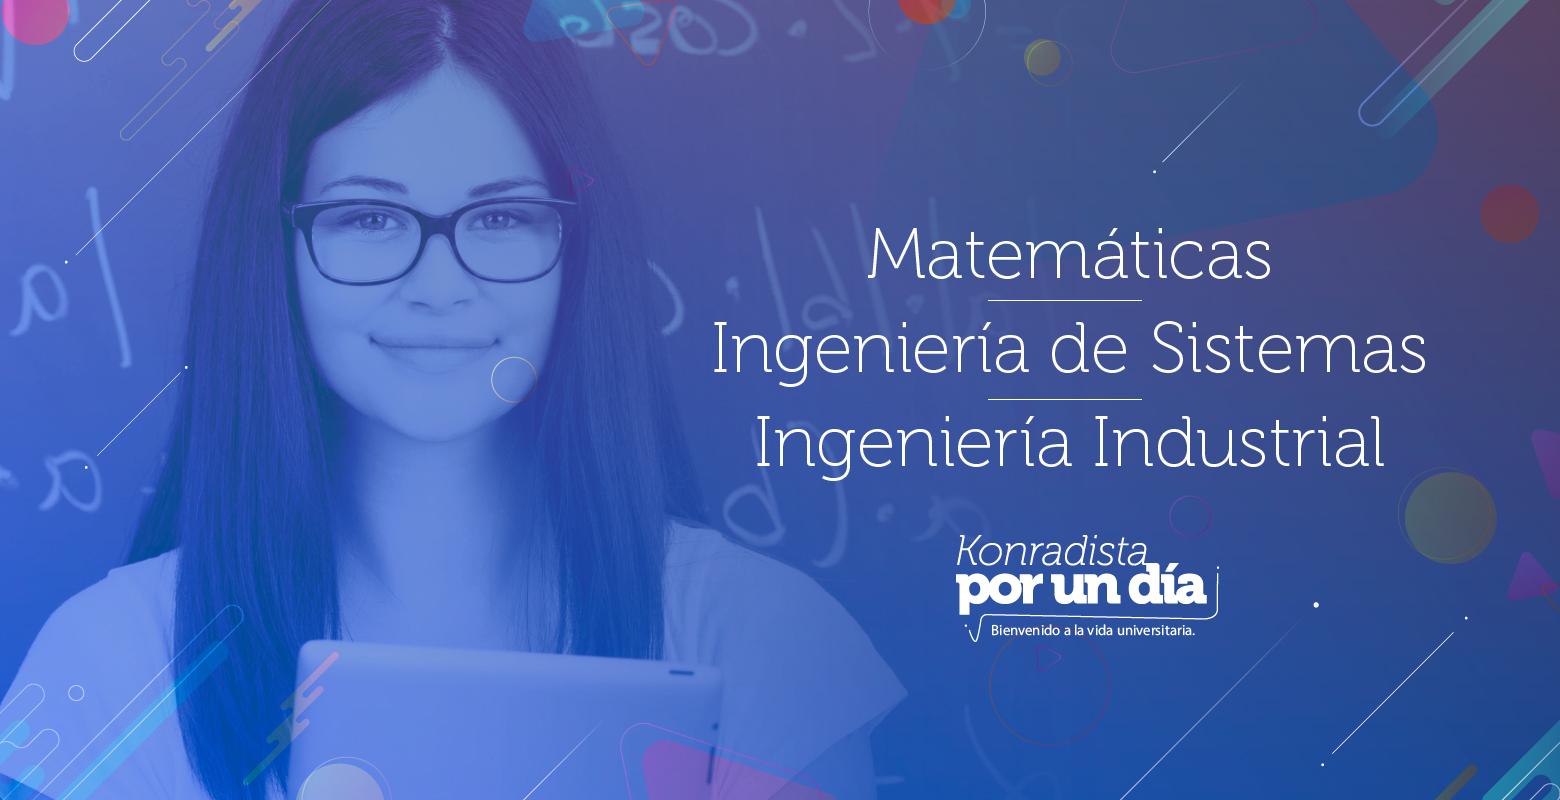 Universitario por un día en Matemáticas, Ingeniería de Sistemas o Ingeniería Industrial